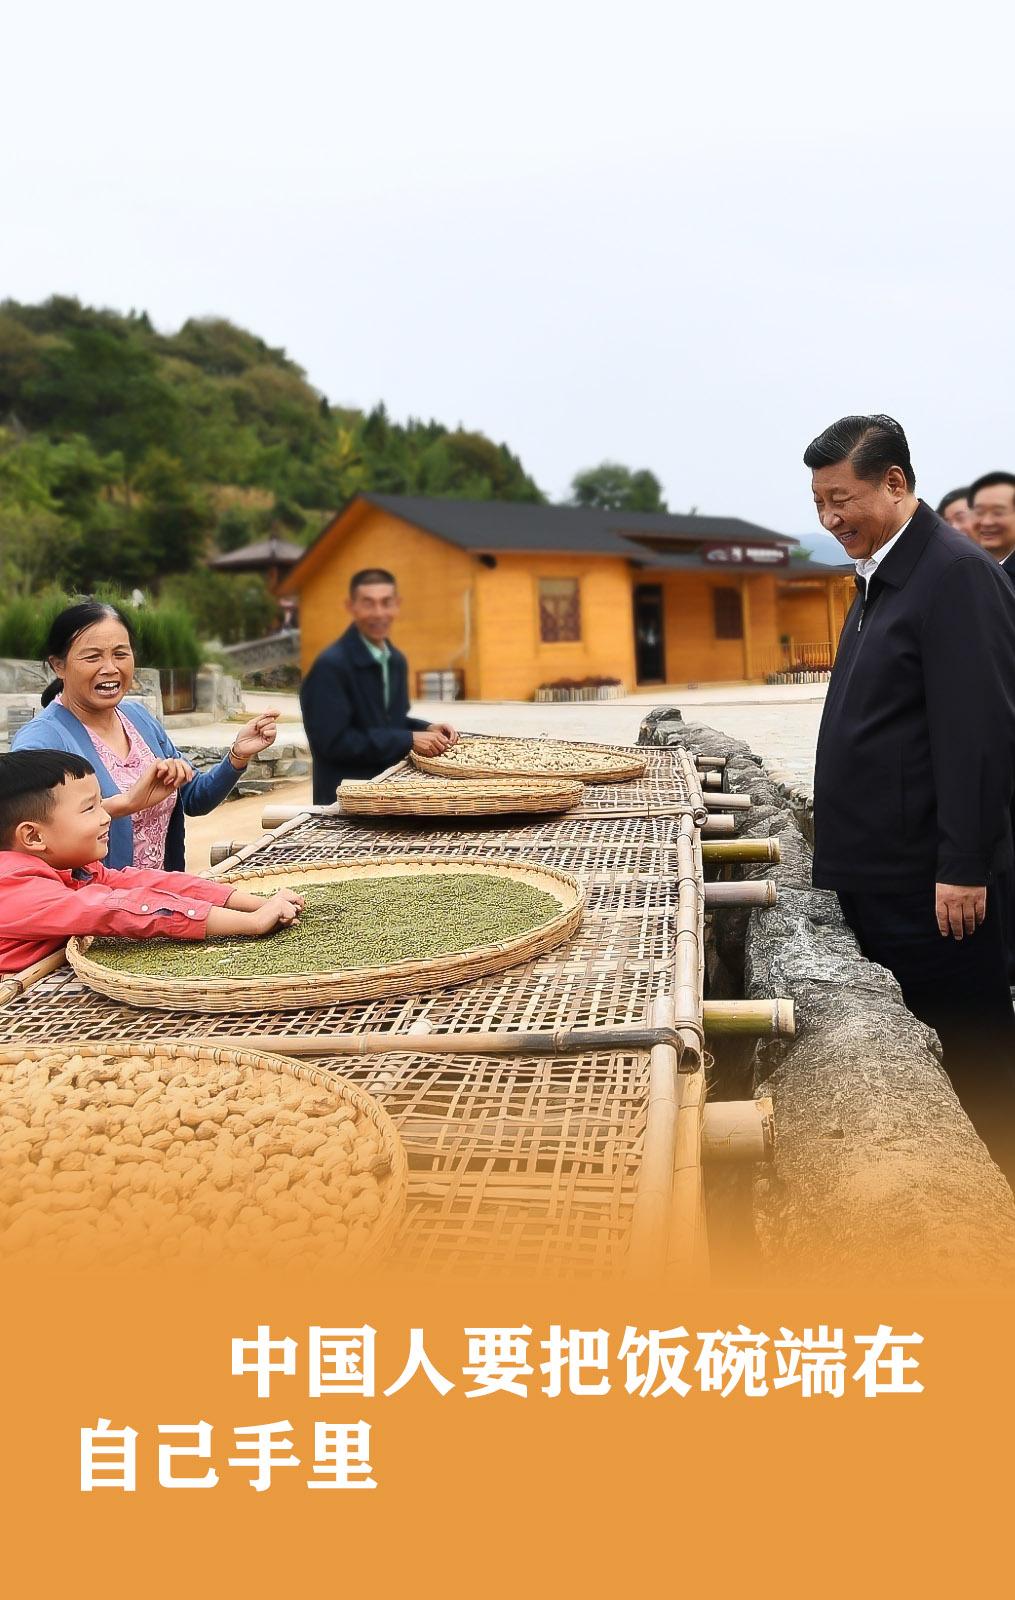 习近平:食为政首